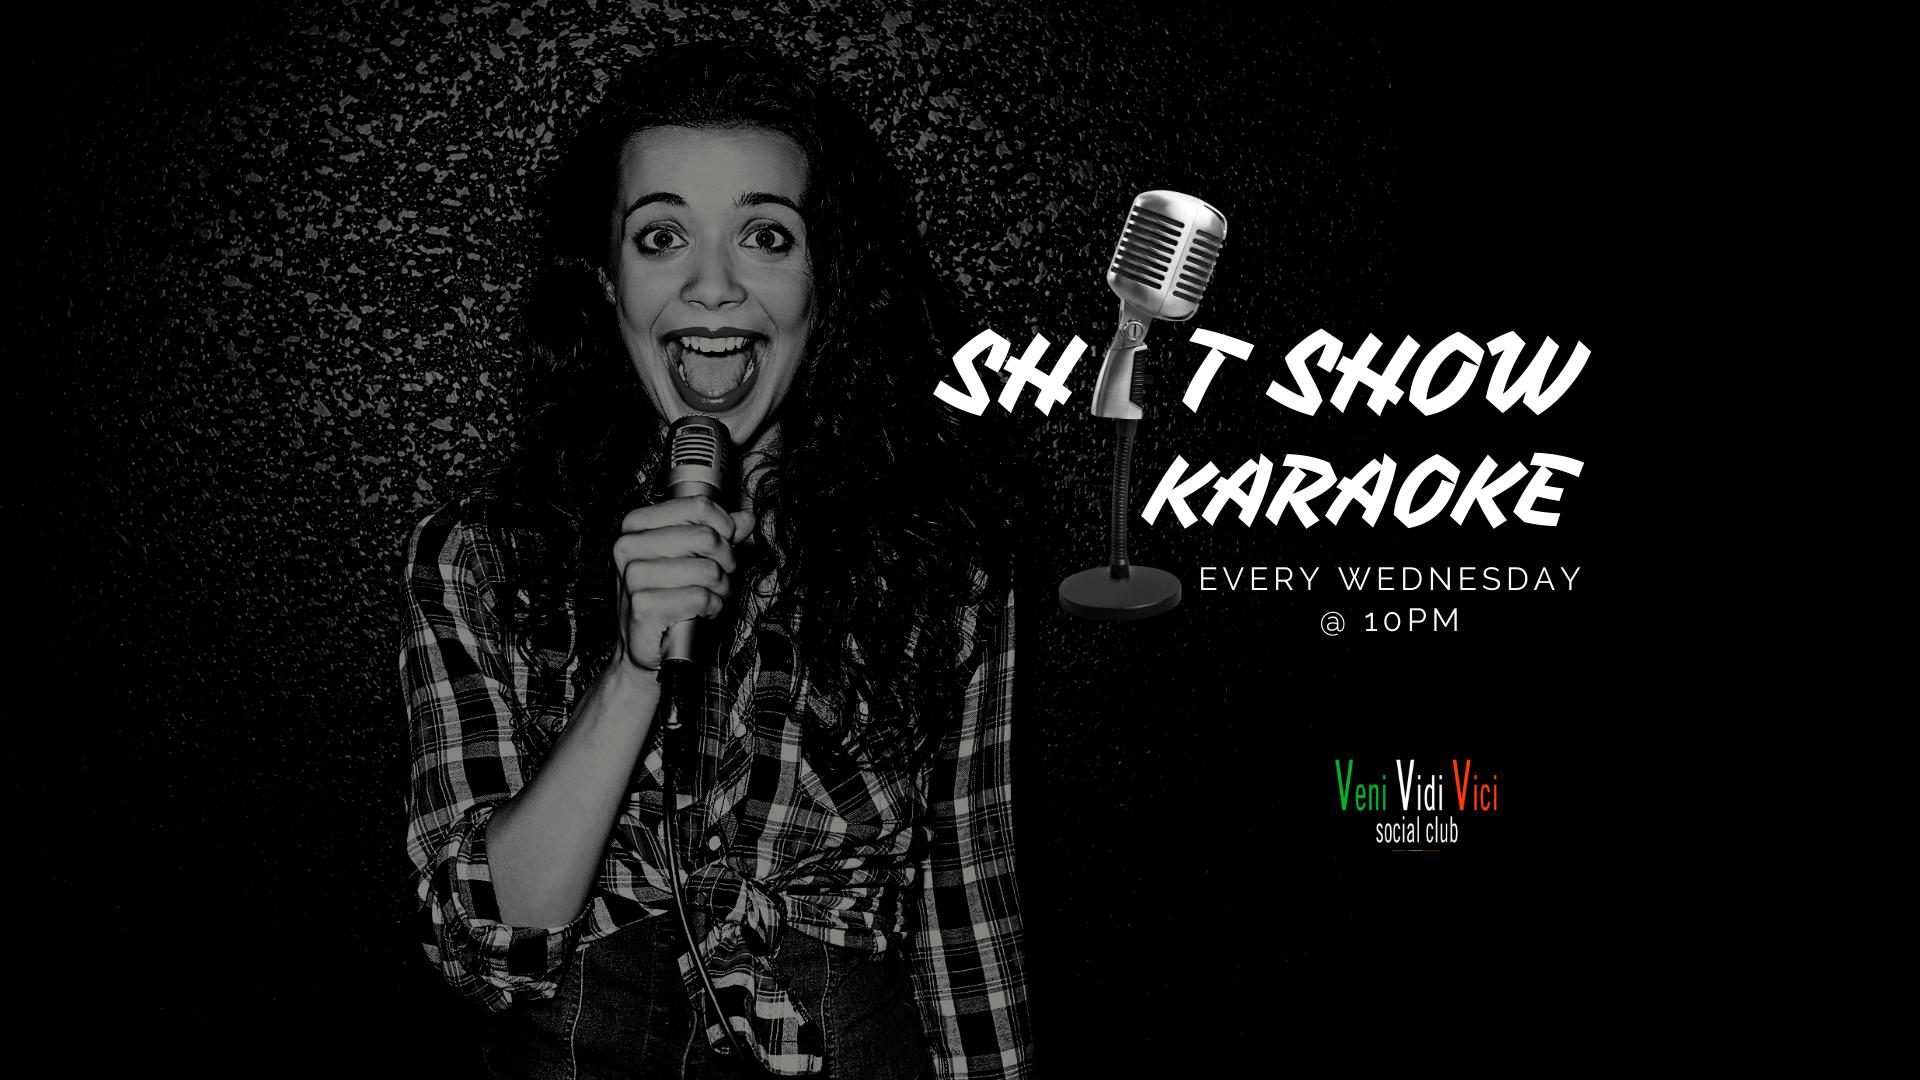 Sh!t Show Karaoke by Karaoke-Plus